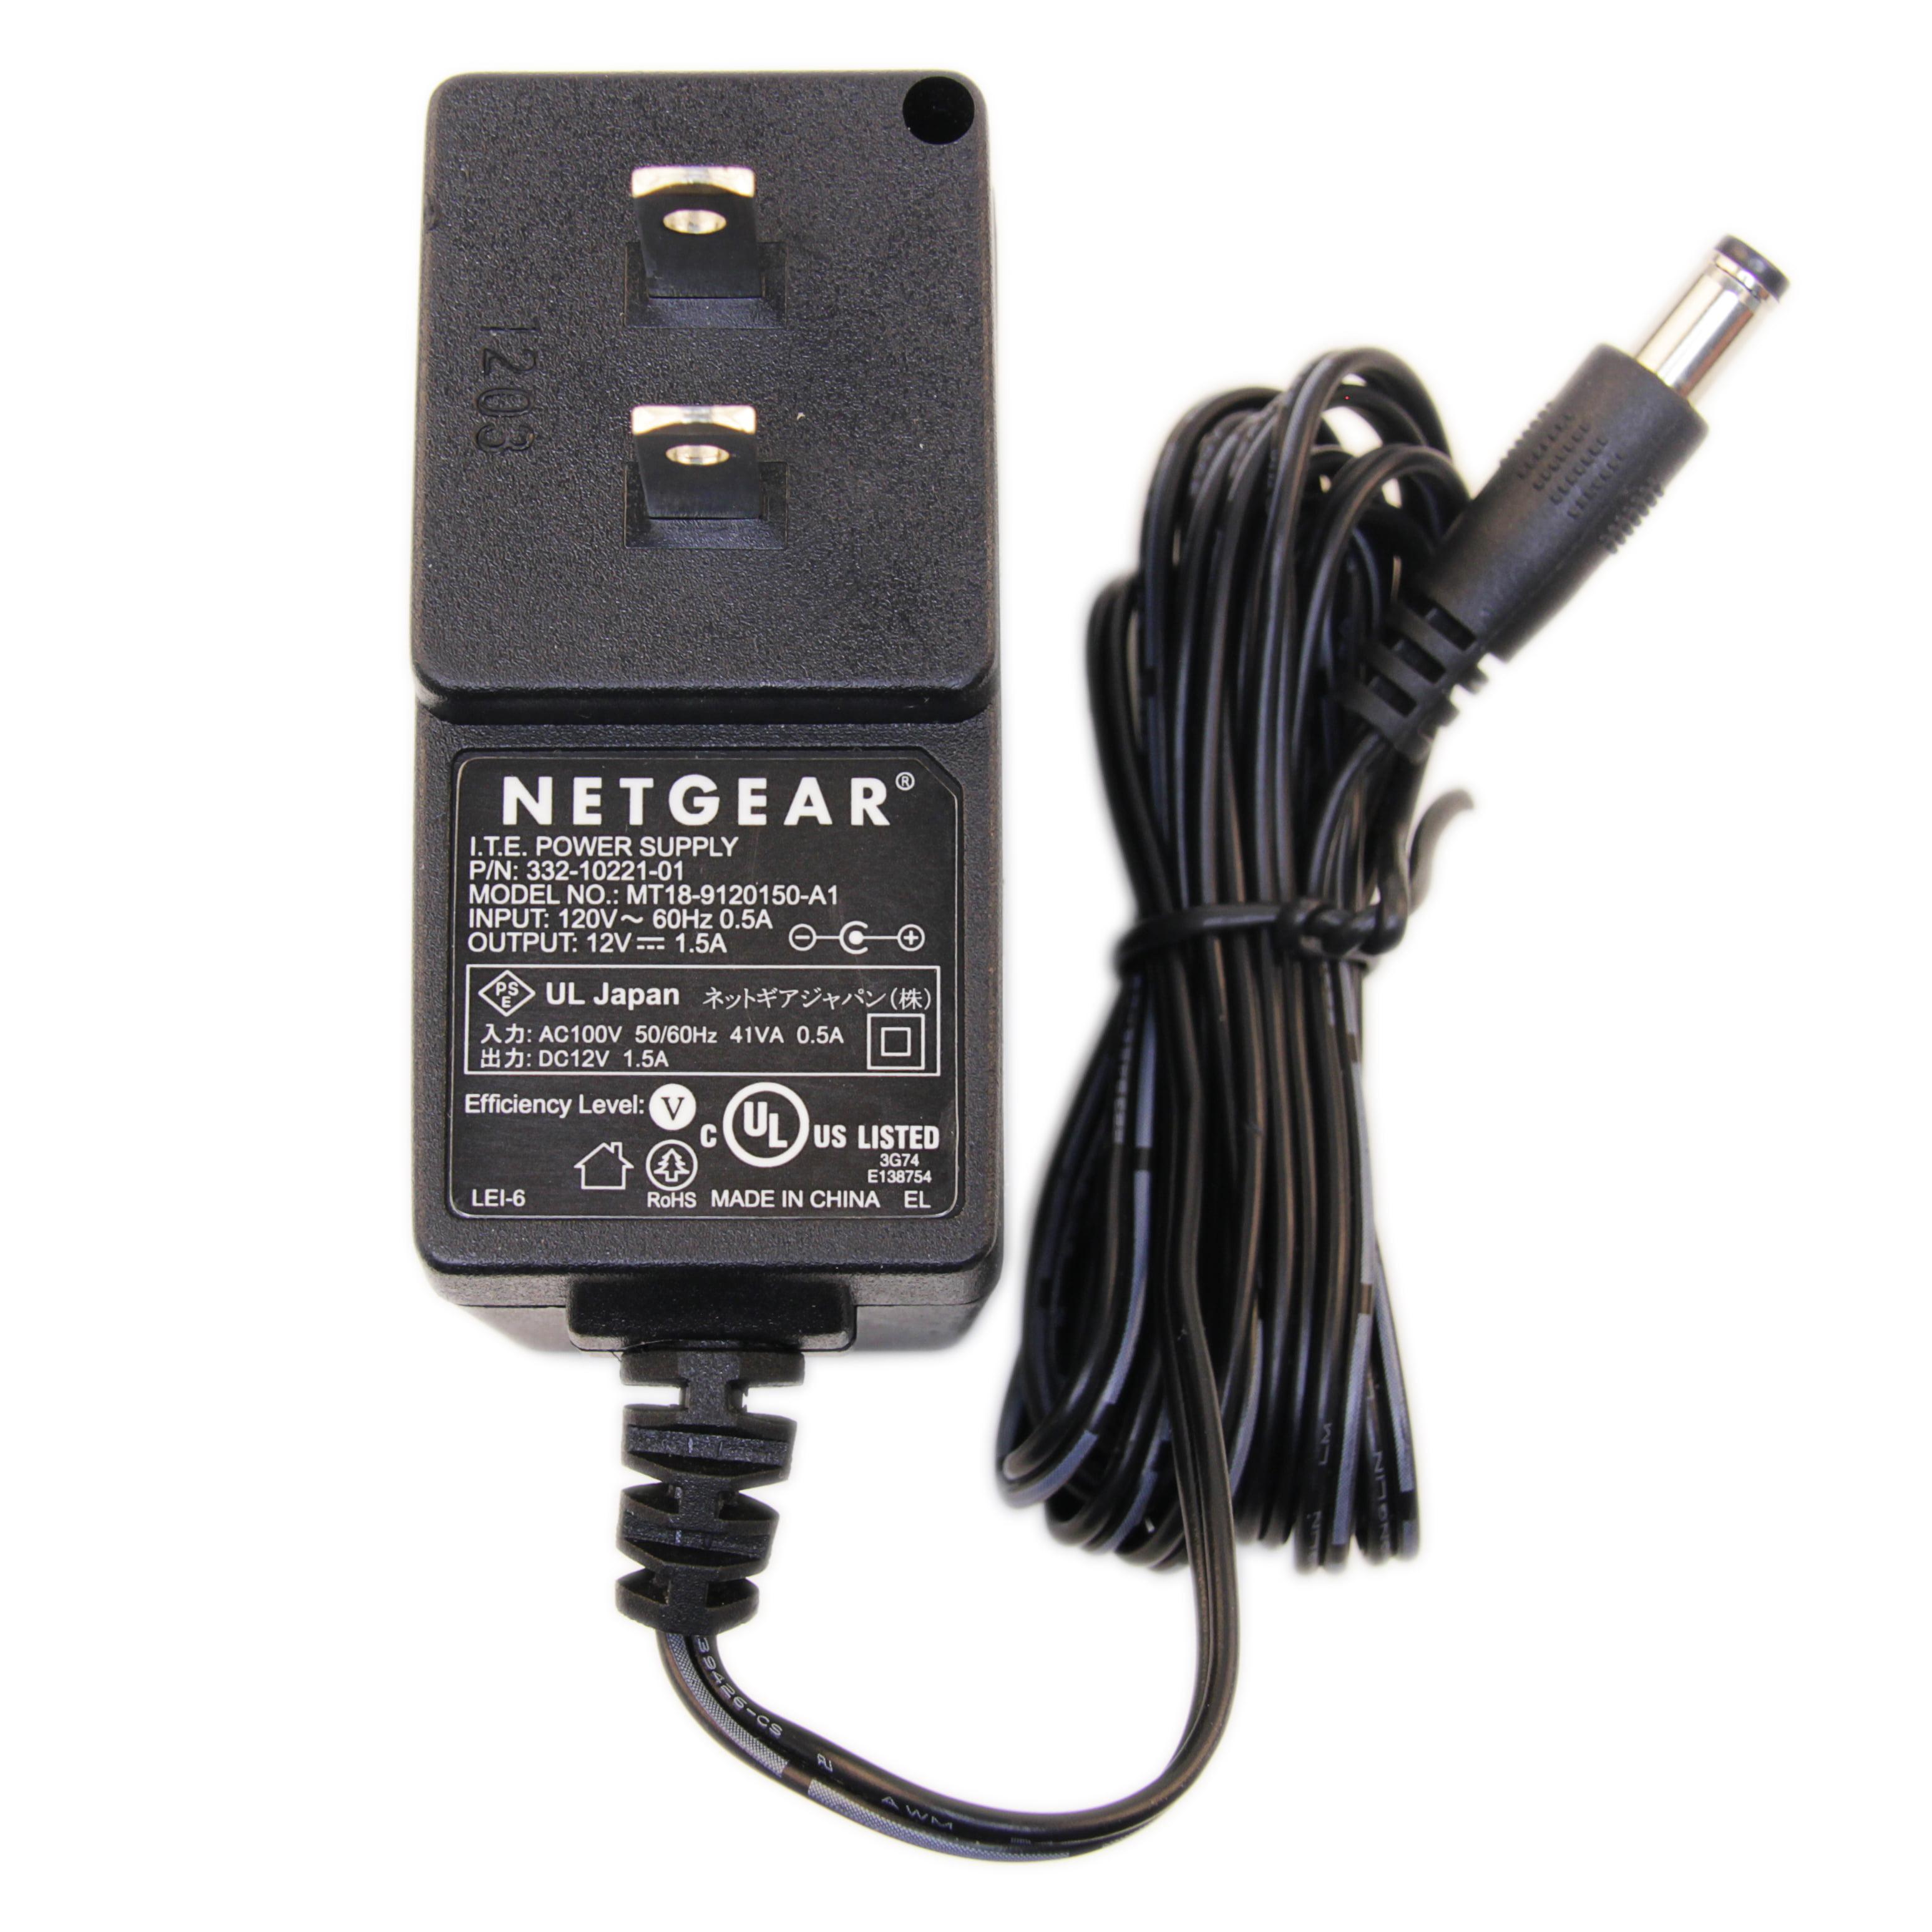 Original NETGEAR 12V 1.5A 18W Power Adapter AC Charger for Model WNR834M WNR3500v1 WNR3500Lv1 Product RangeMax... by NETGEAR